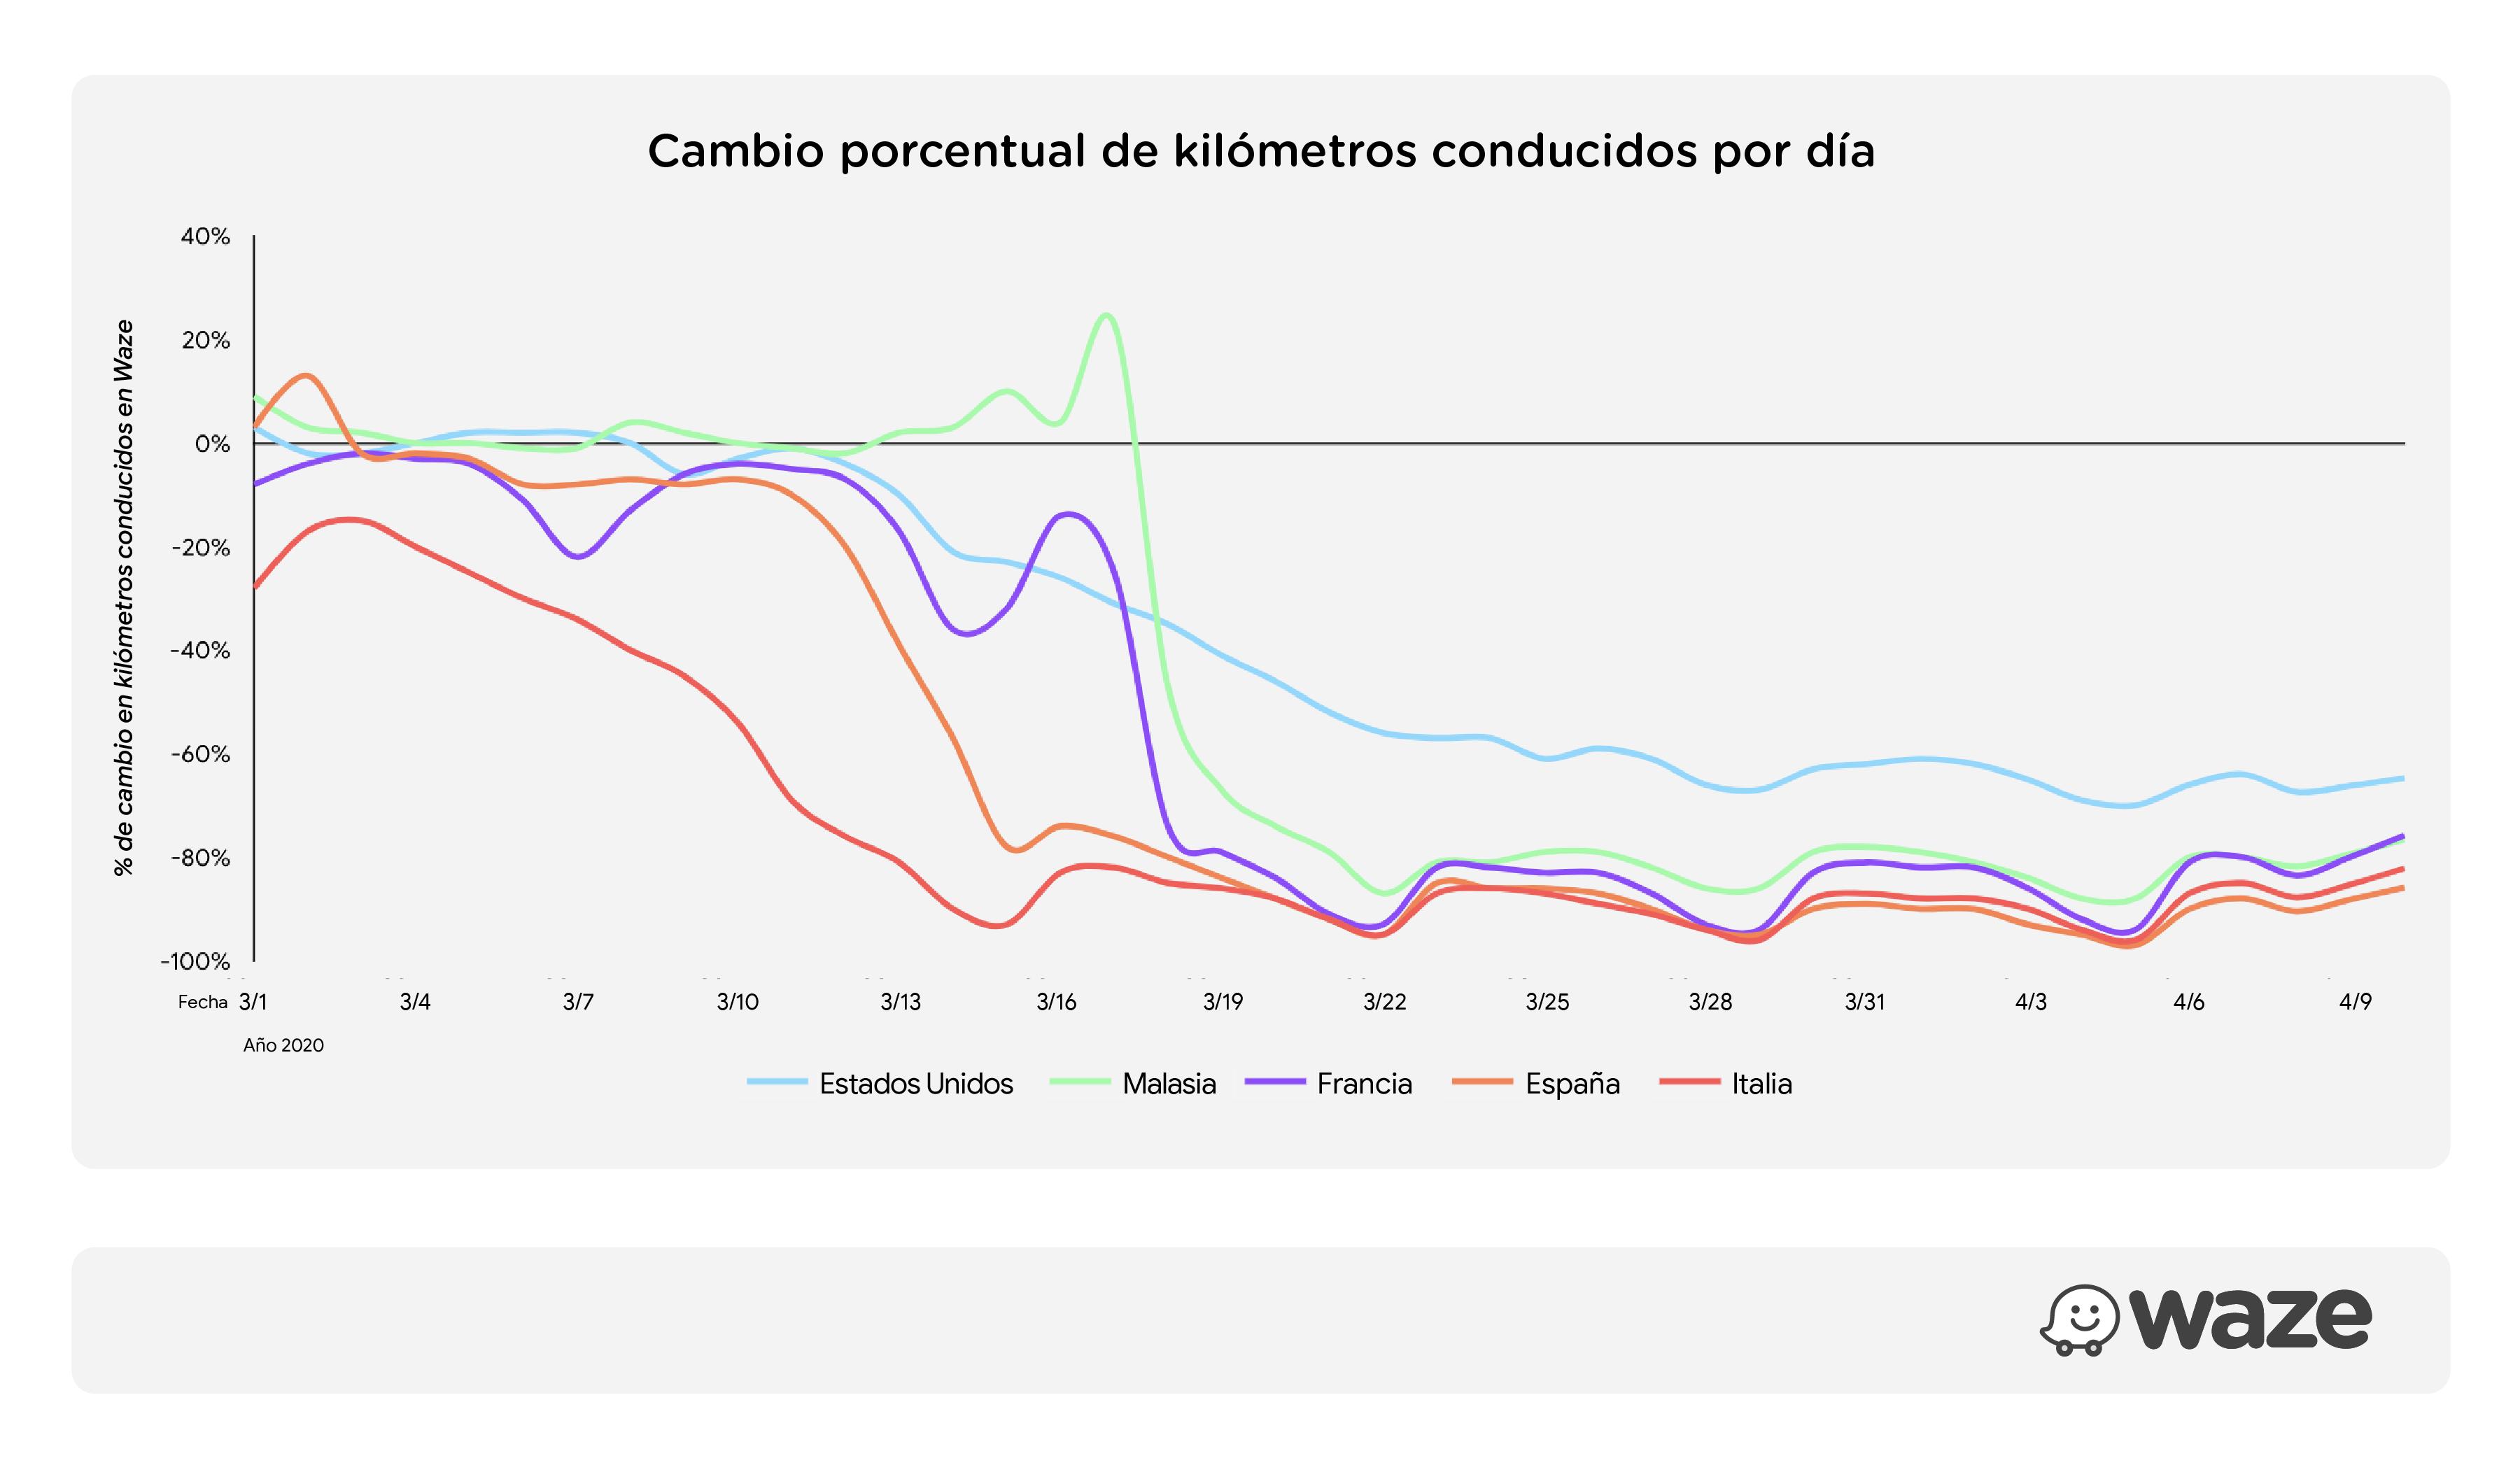 Cambio porcentual de kilómetros conducidos por día en países como: Estados Unidos, Malasia, Francia, España e Italia, según Waze.